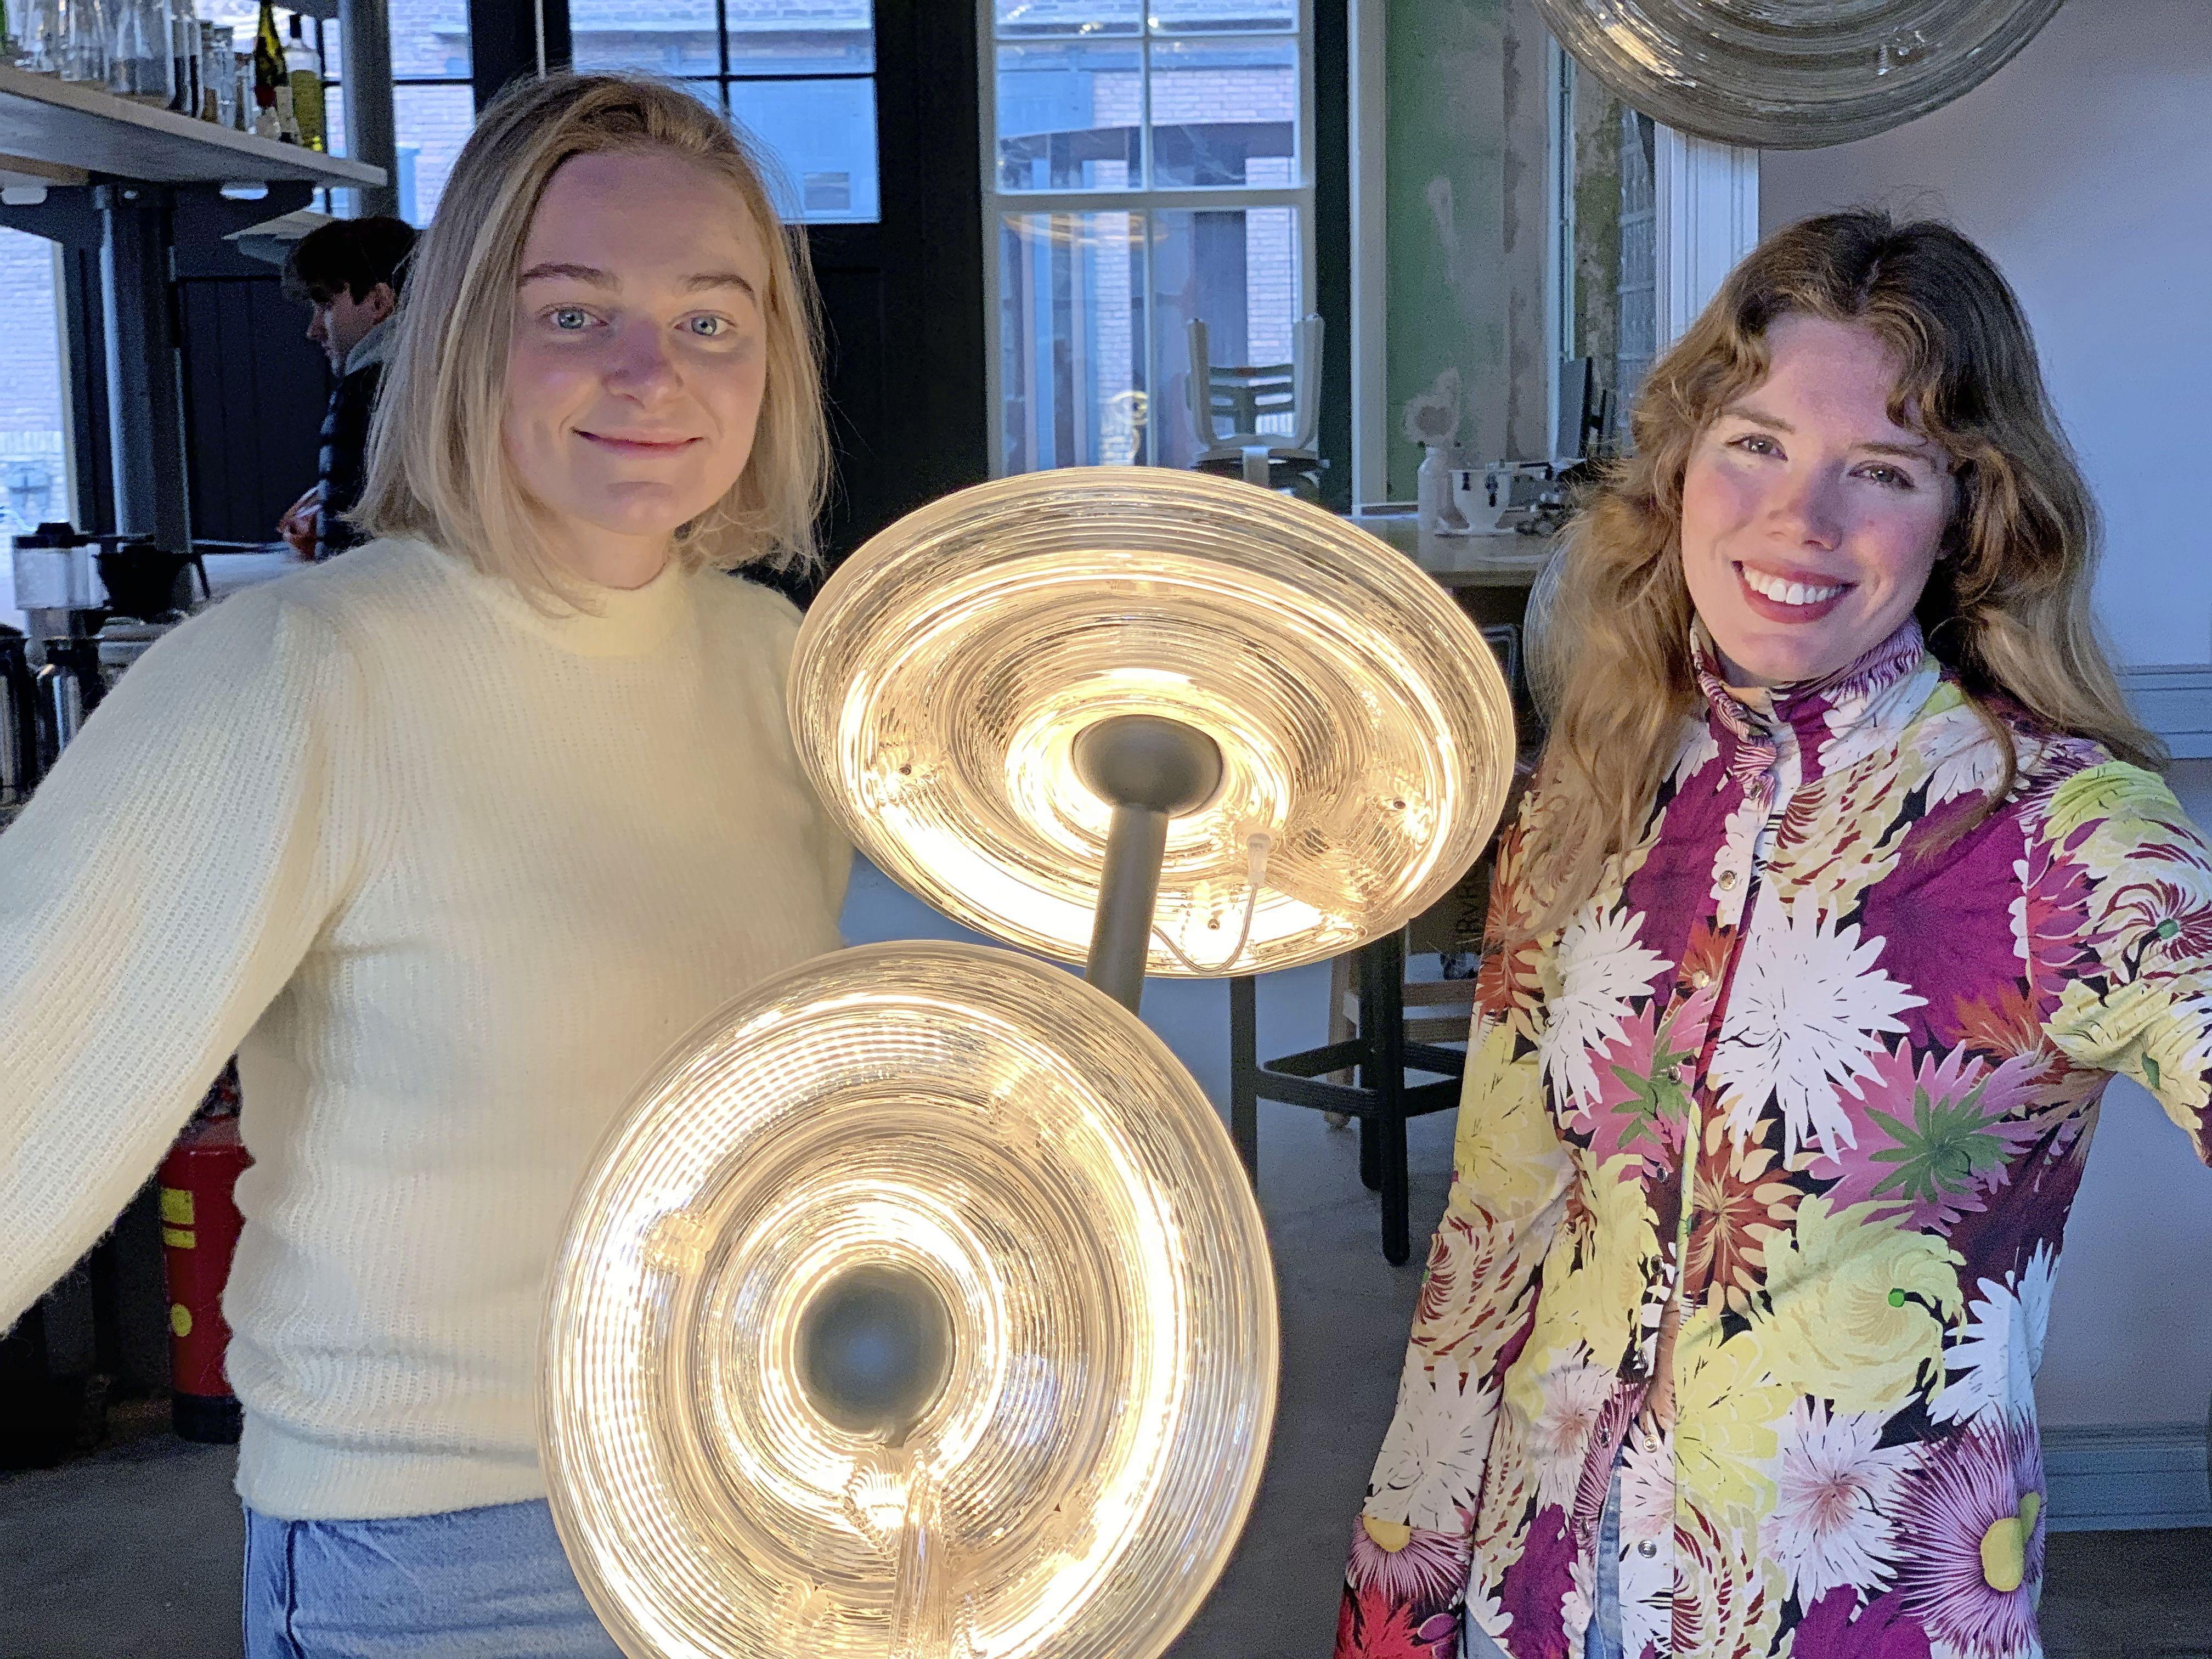 Online Innovatie Expo 2021 in Zaanstad: lampen van geplette cd's en vloeren van cacaodoppen. 'We recyclen alles'